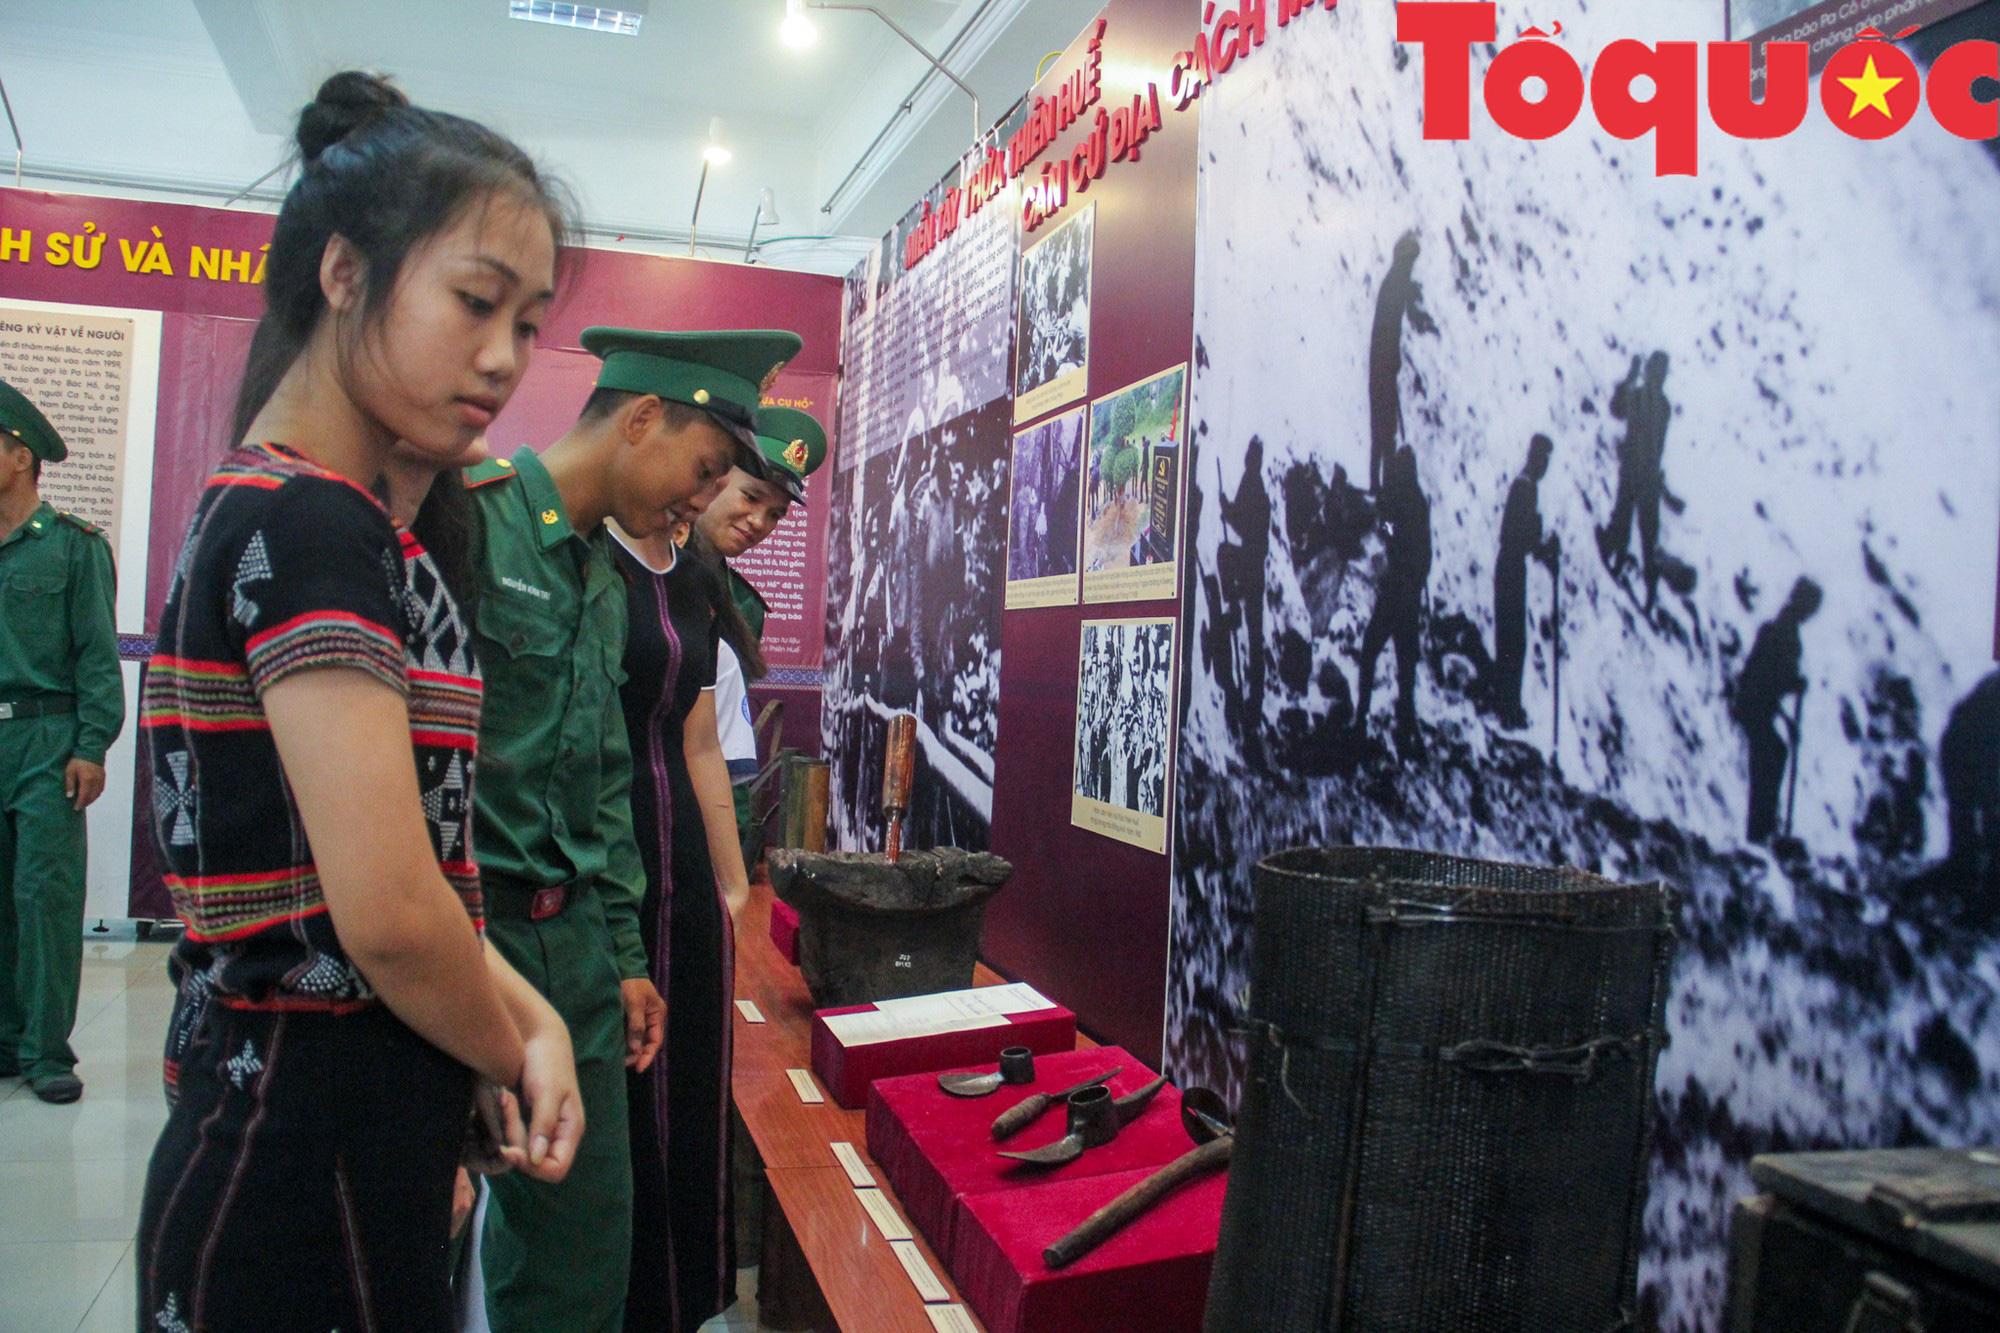 Triển lãm 250 hình ảnh, hiện vật Họ Hồ ở miền Tây Thừa Thiên Huế - Ảnh 2.